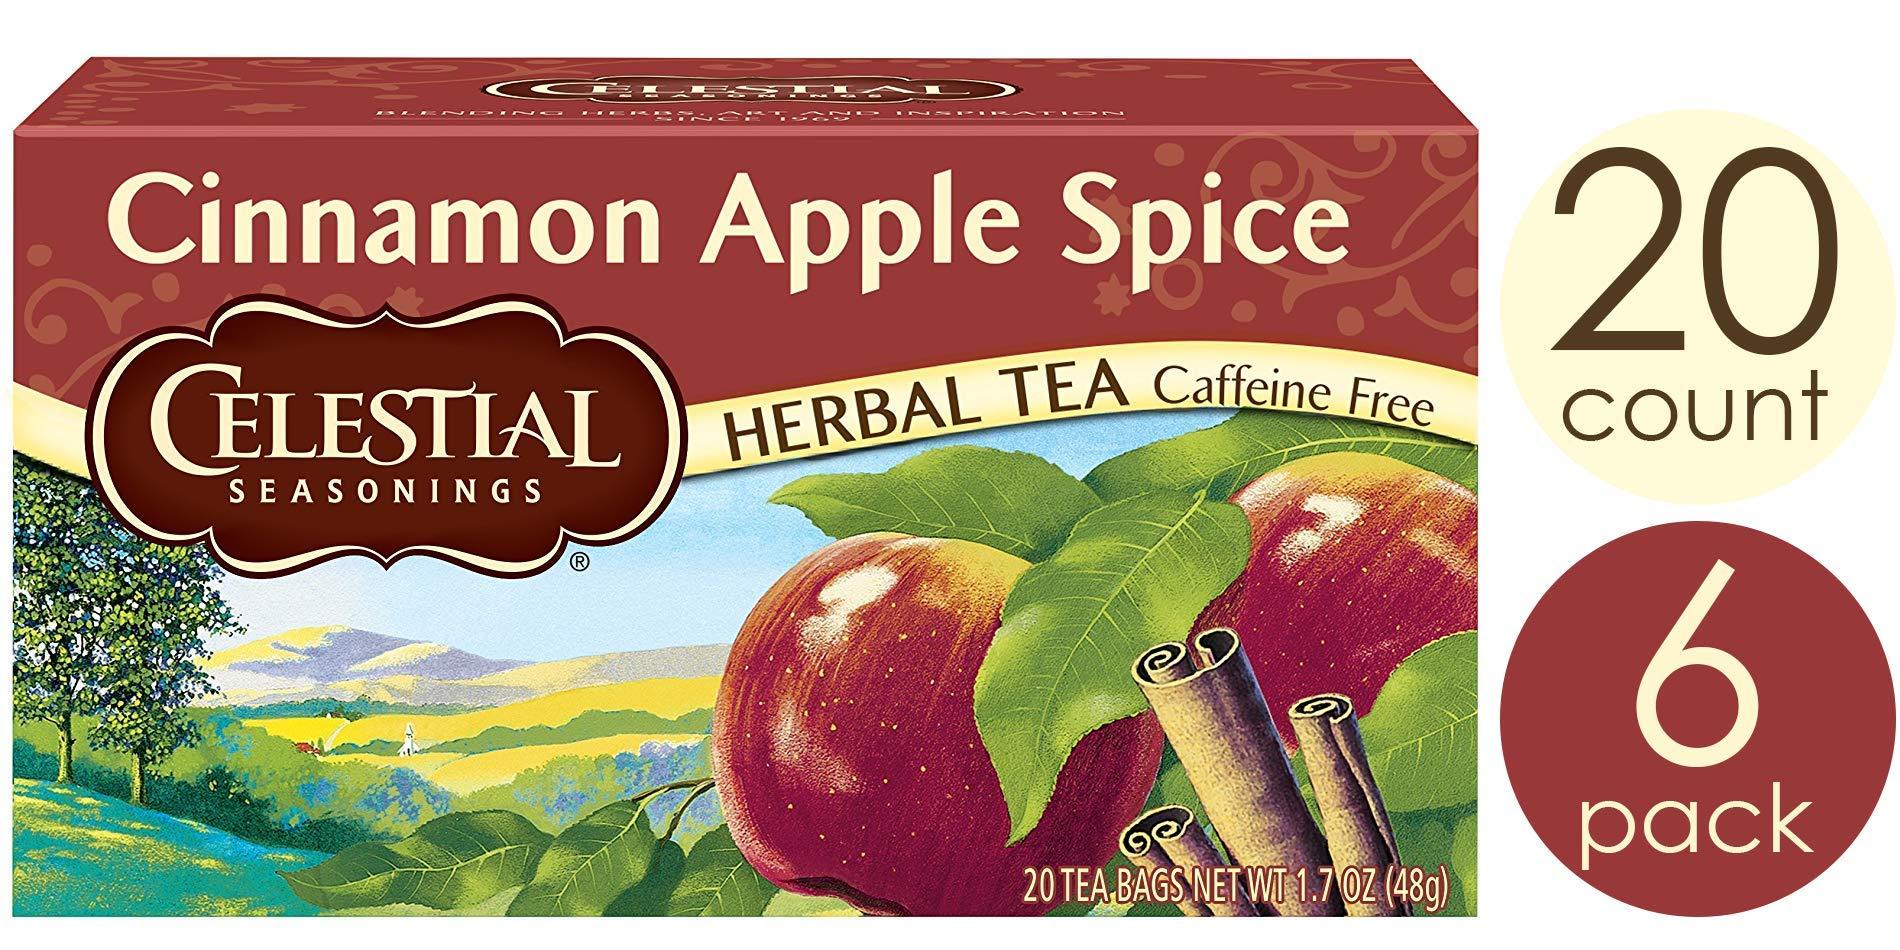 Celestial Seasonings Herbal Tea, Cinnamon Apple Spice, 20 Count (Pack of 6) by Celestial Seasonings